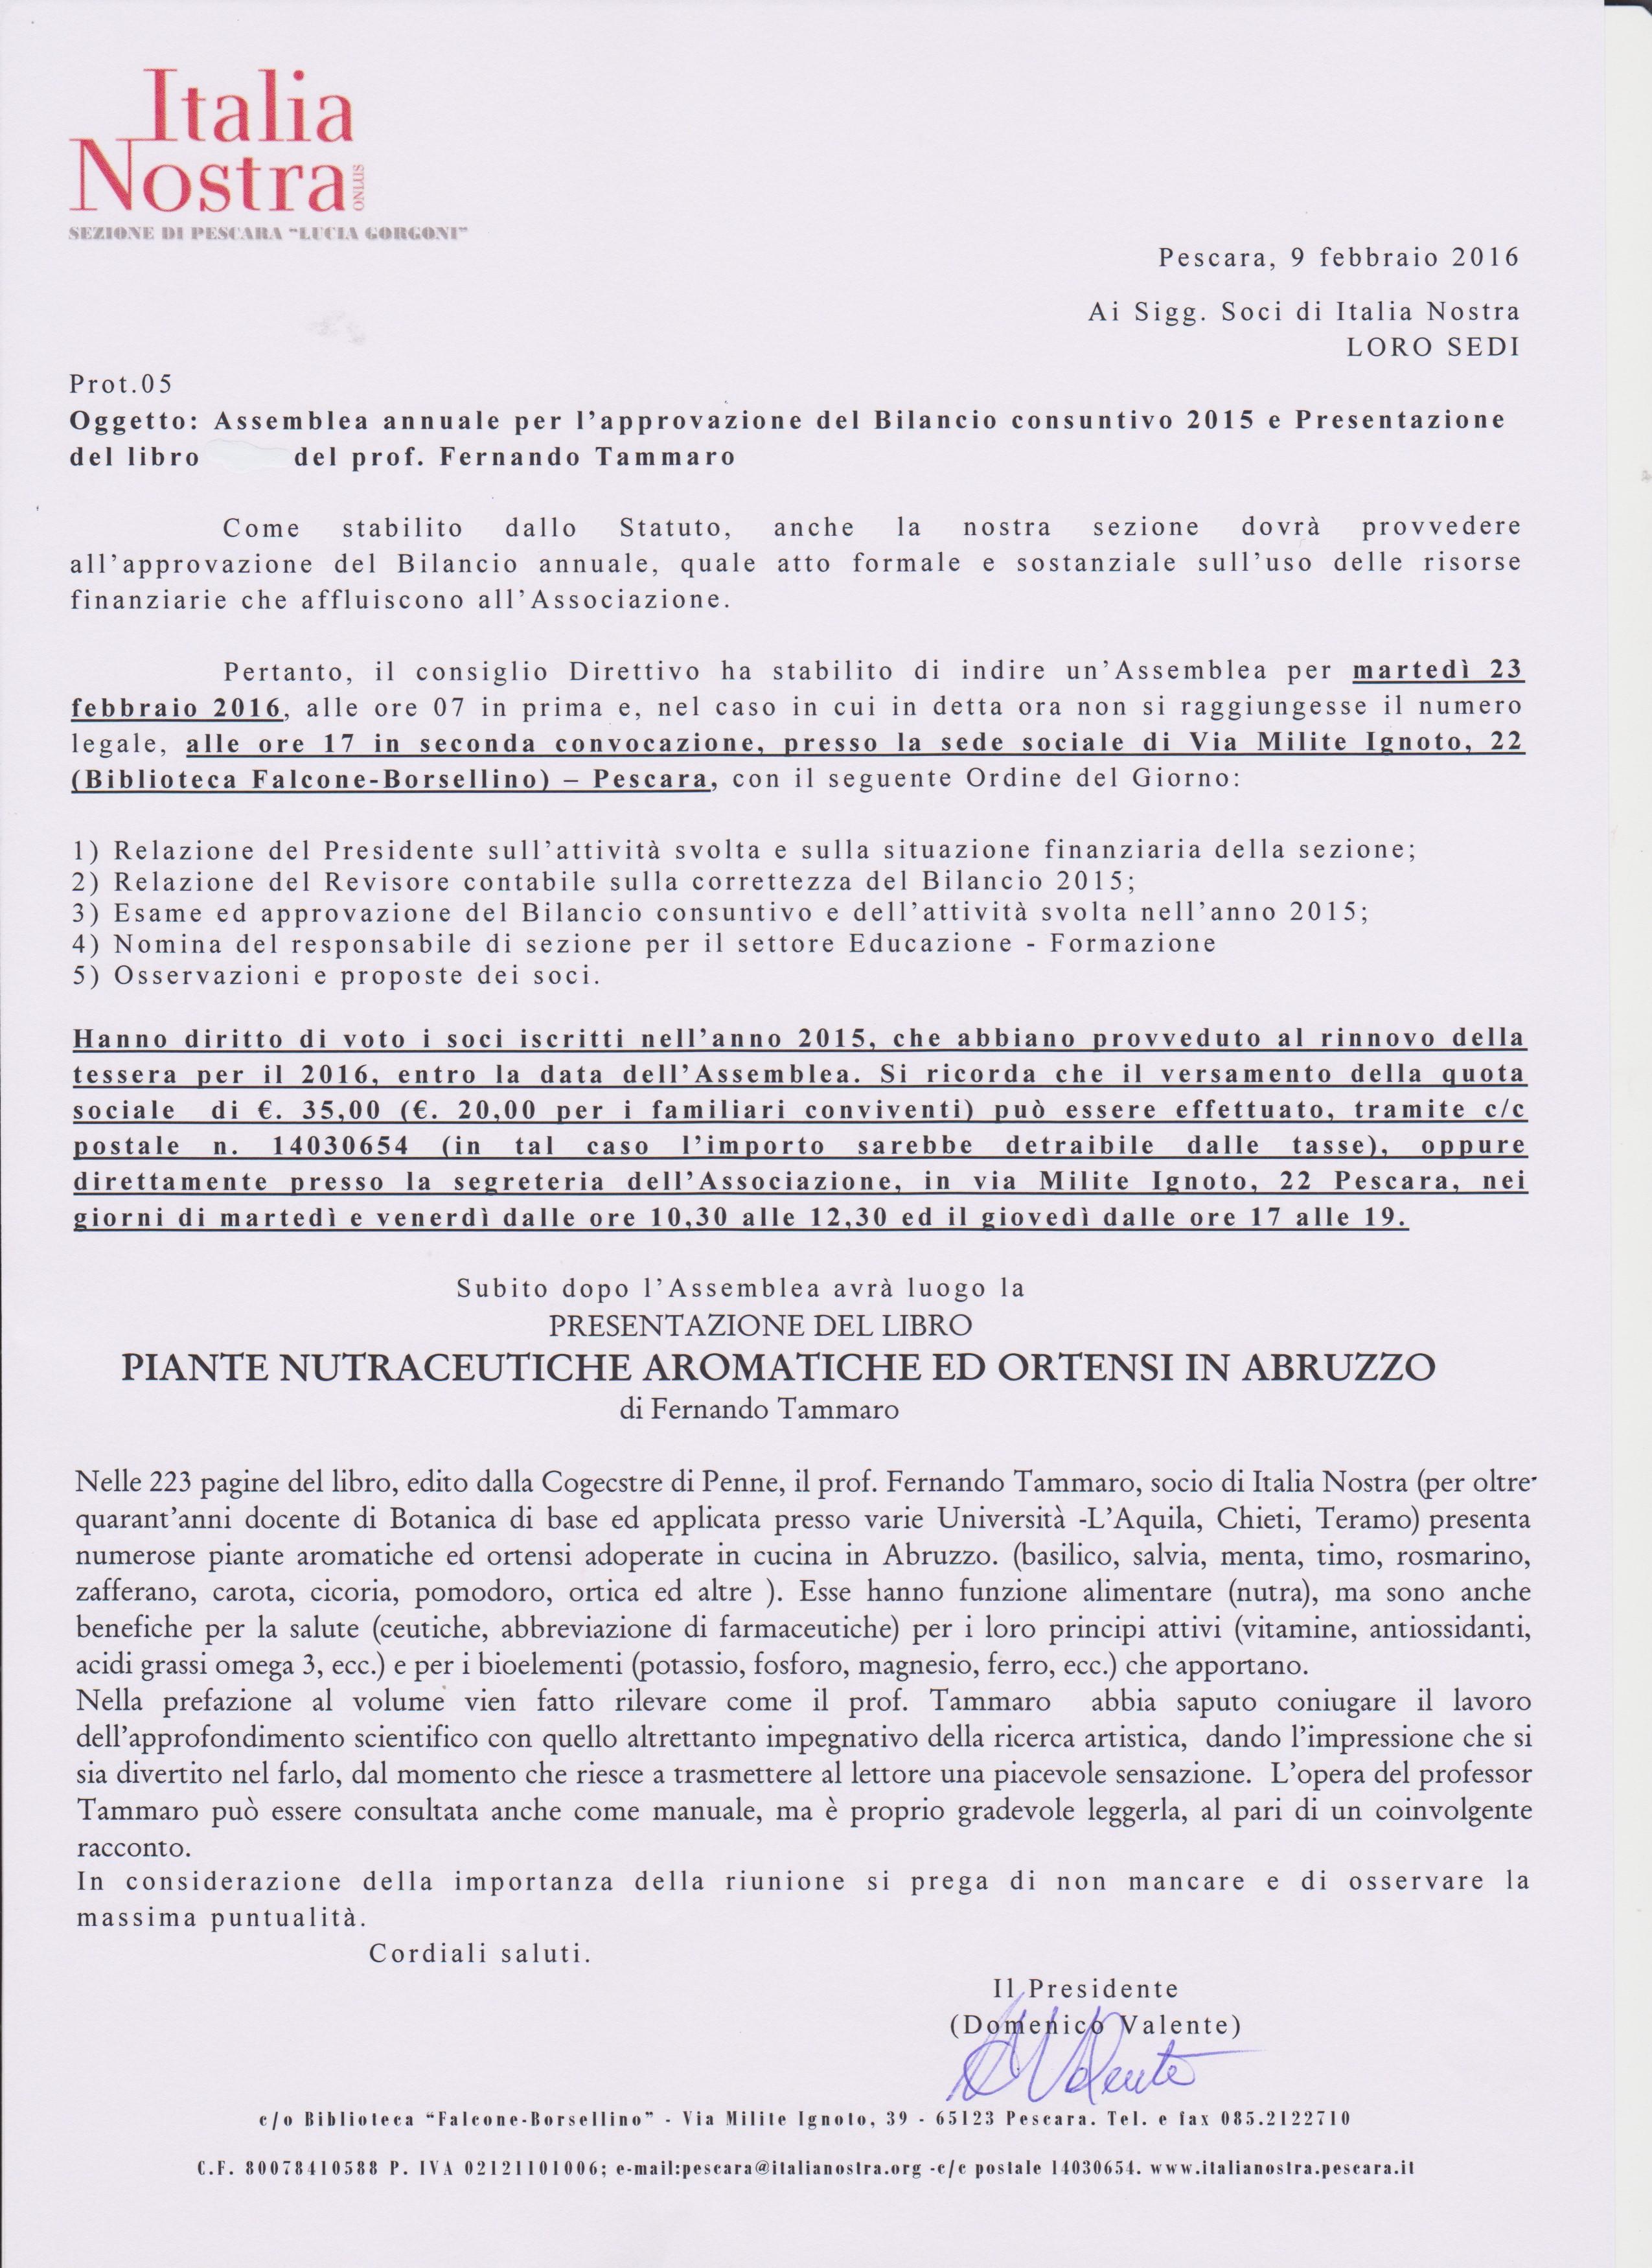 il 23 febbraio assemblea degli iscritti italia nostra